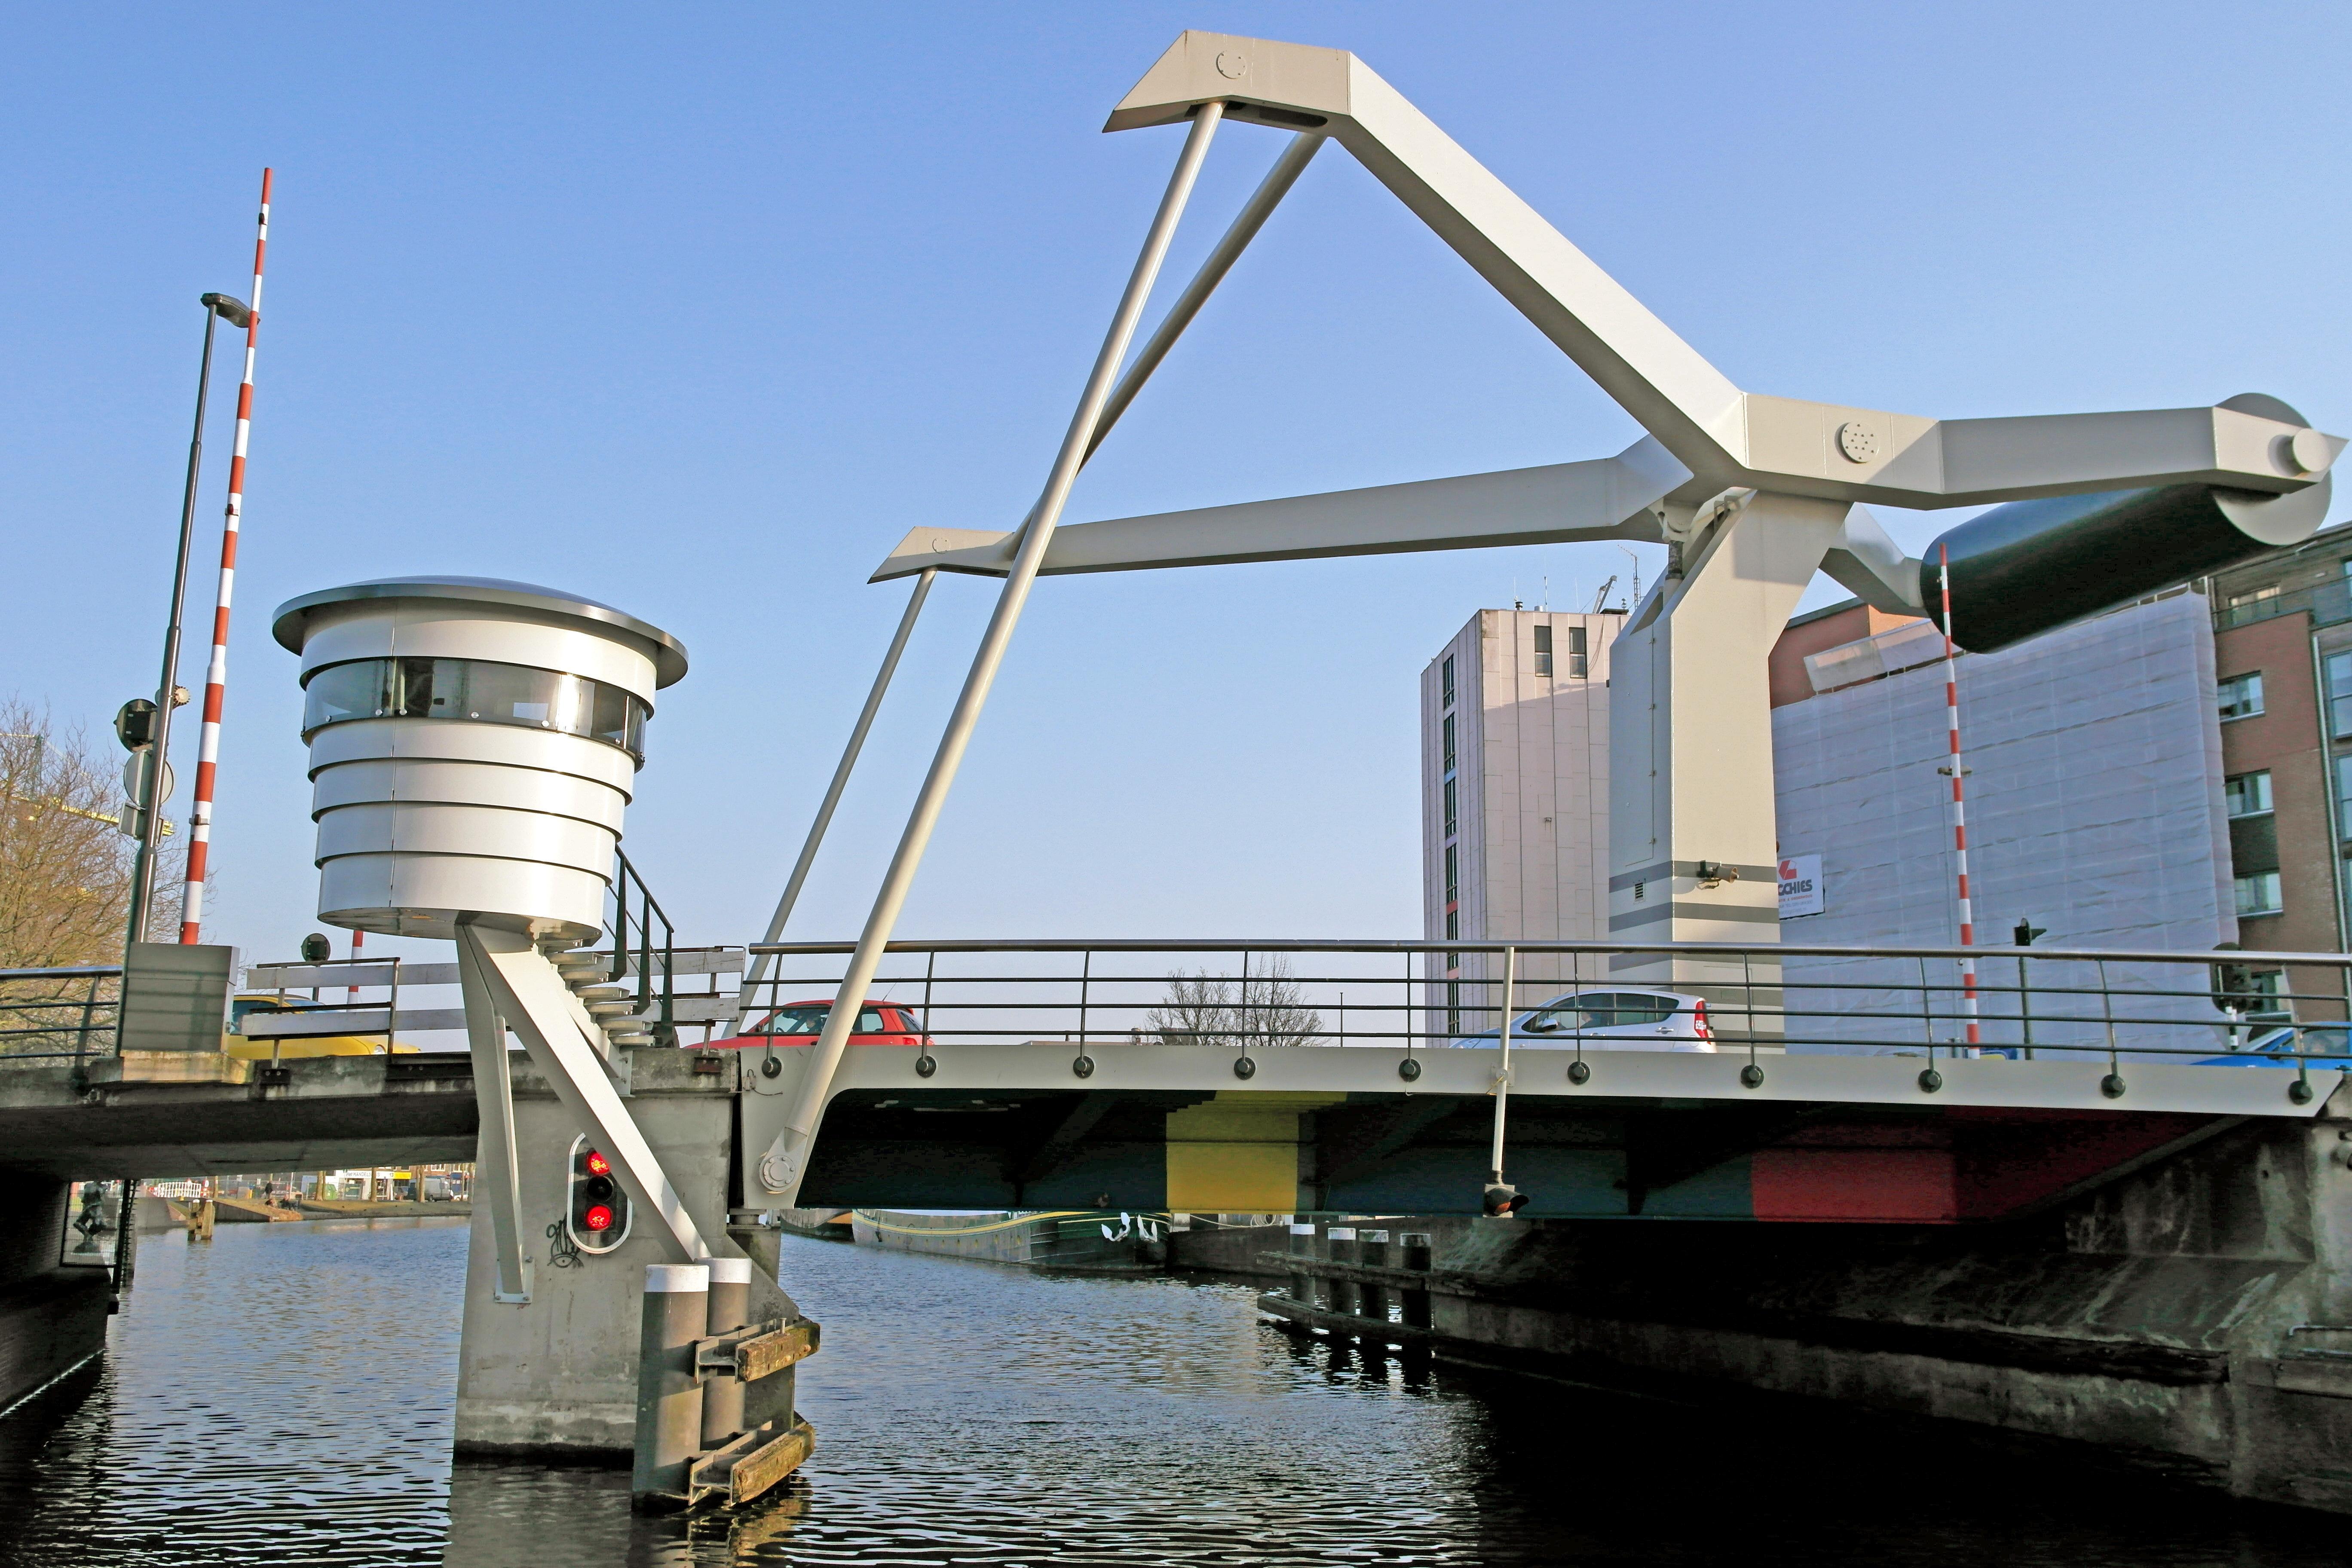 Lange wachttijden voor 'de Verfroller': defect waardoor brug langzaam open en dicht gaat [update]